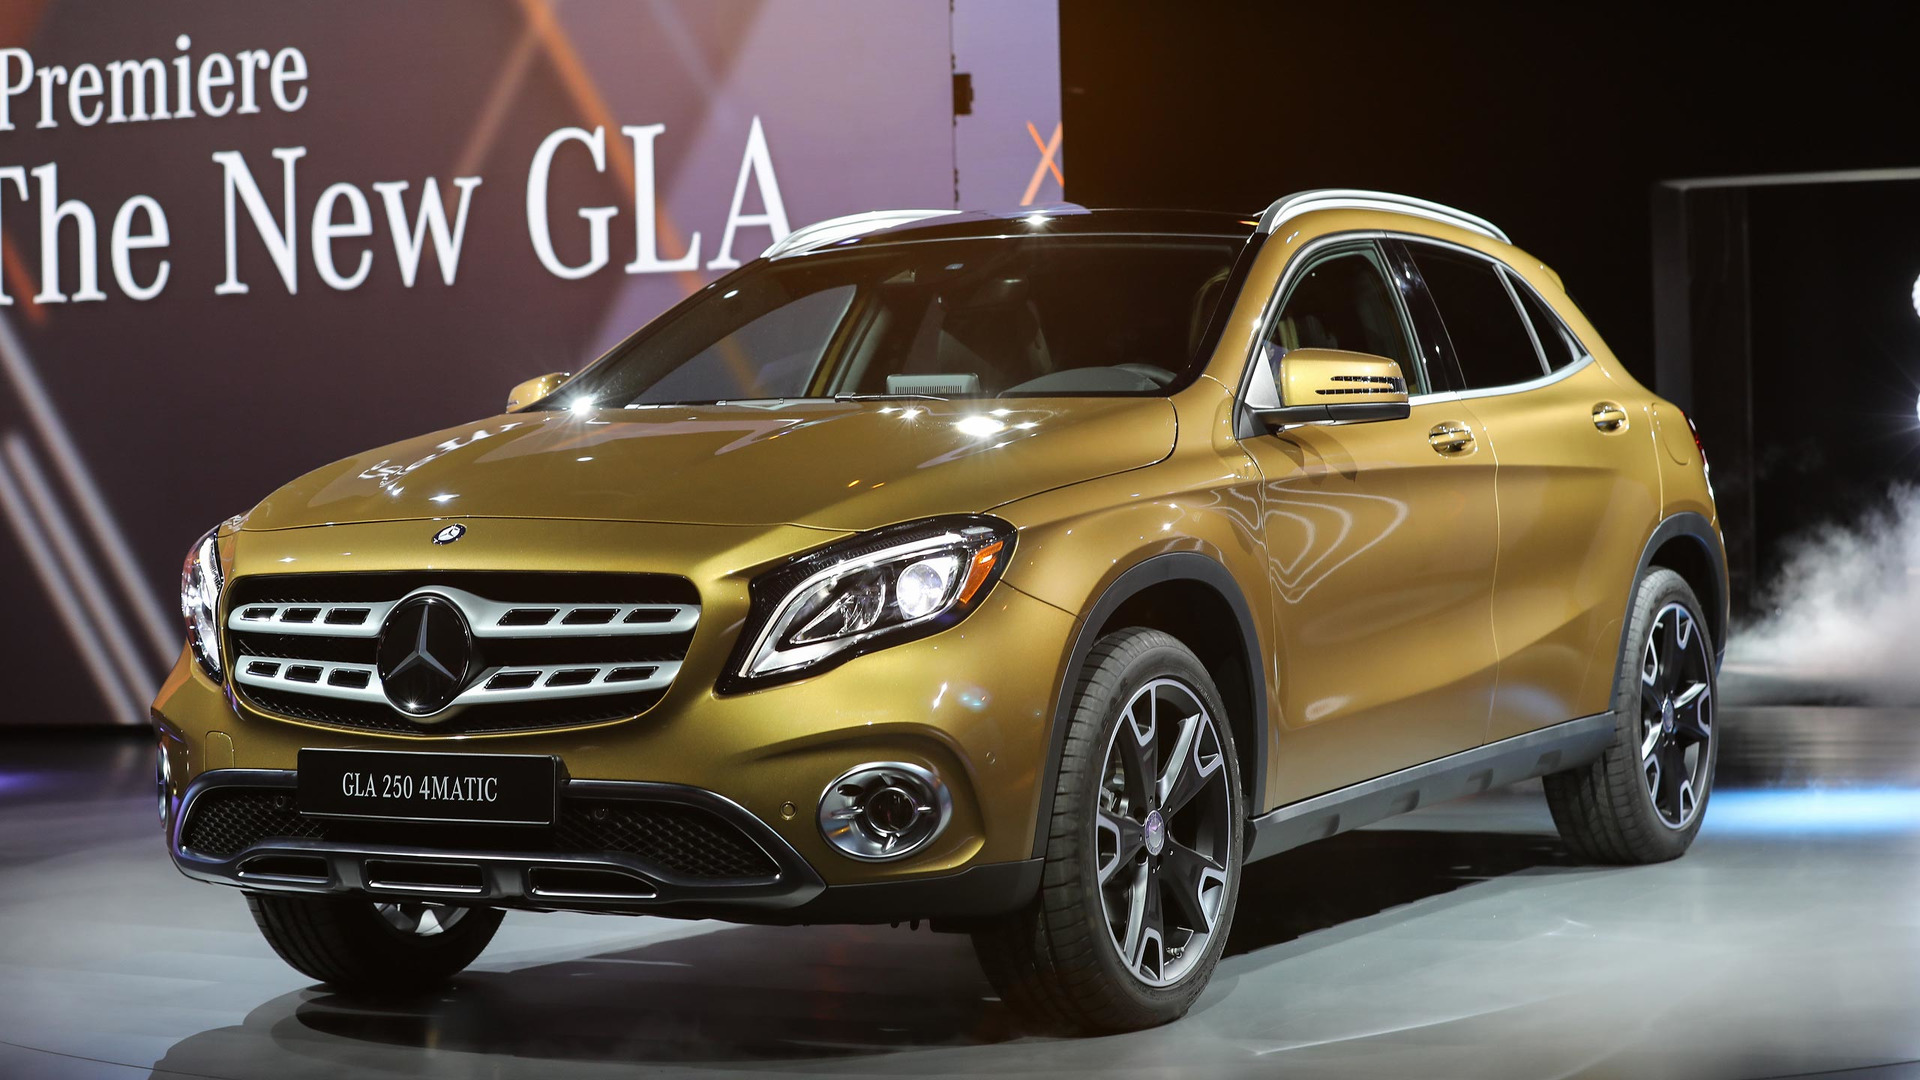 Tìm kiếm sự khác biệt giữa Mercedes-Benz GLA 2017 và 2014